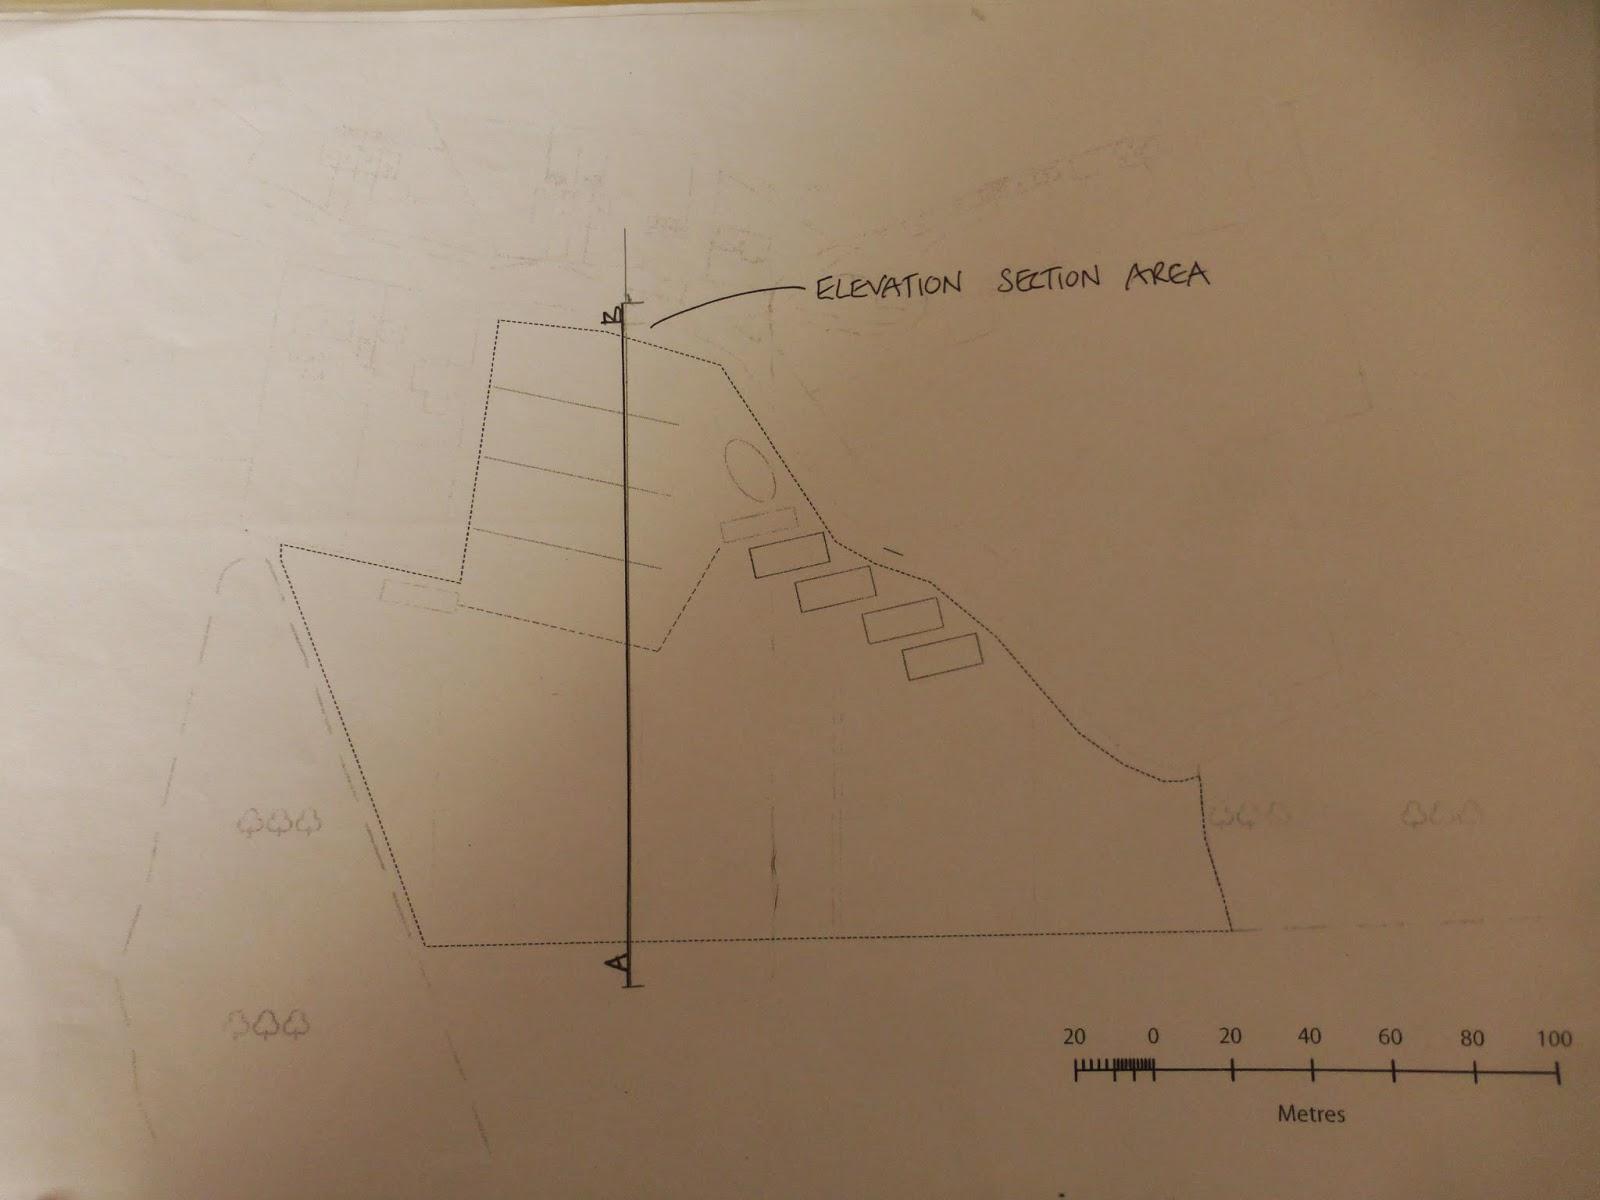 Forest Garden Design East: Design work